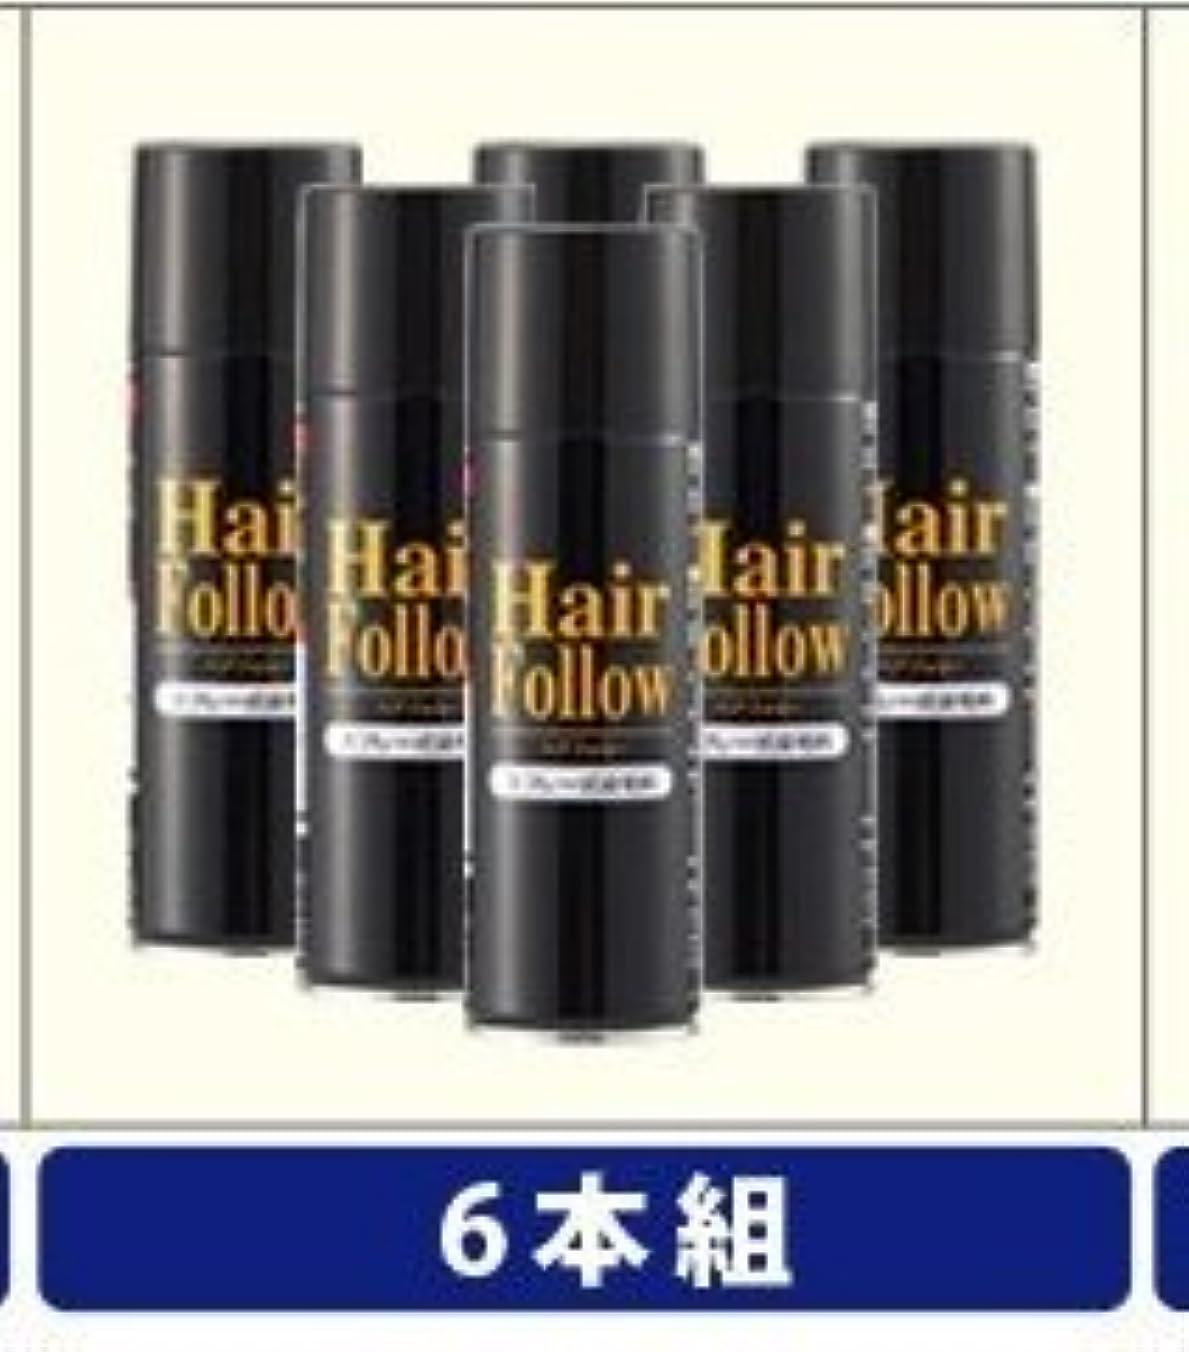 NEW ヘアフォロー スプレー ブラック スプレー式染毛料 自然に薄毛をボリュームアップ!薄毛隠し かつら (6本)